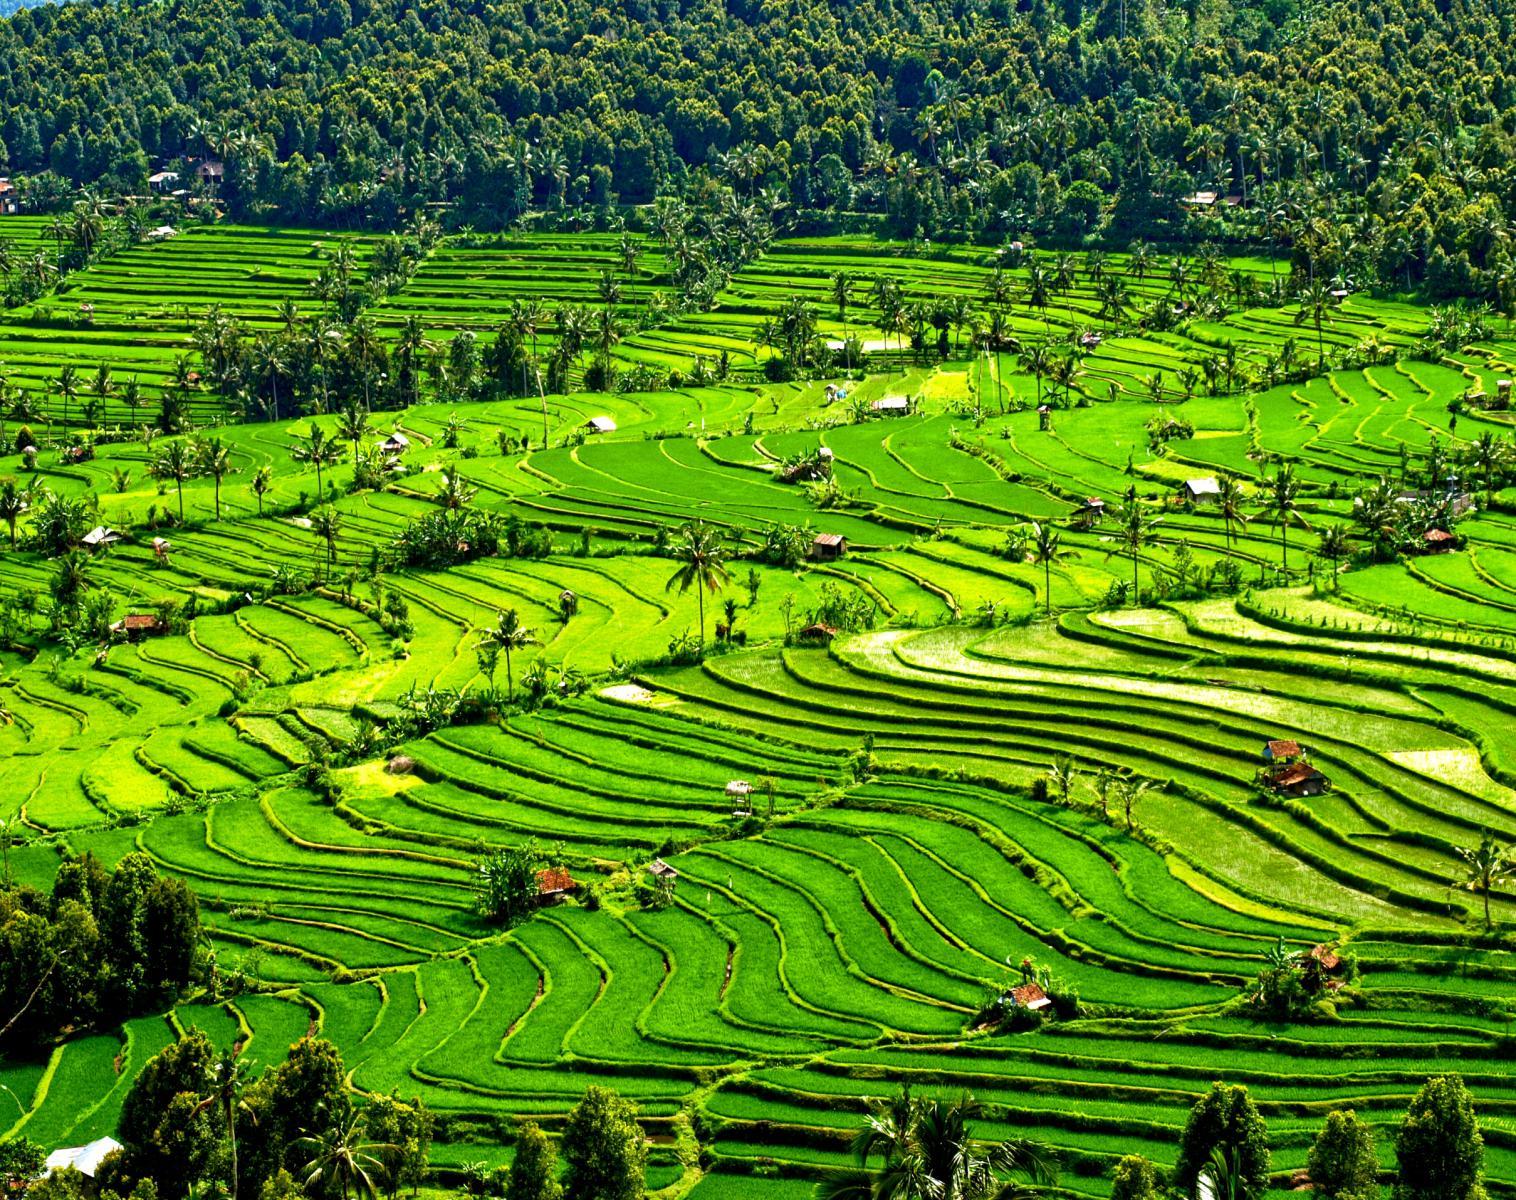 Indonésie  Bali - Lombok, randonnée bucolique   Découverte Apnée & Plongée  Rencontres et cultures du Monde